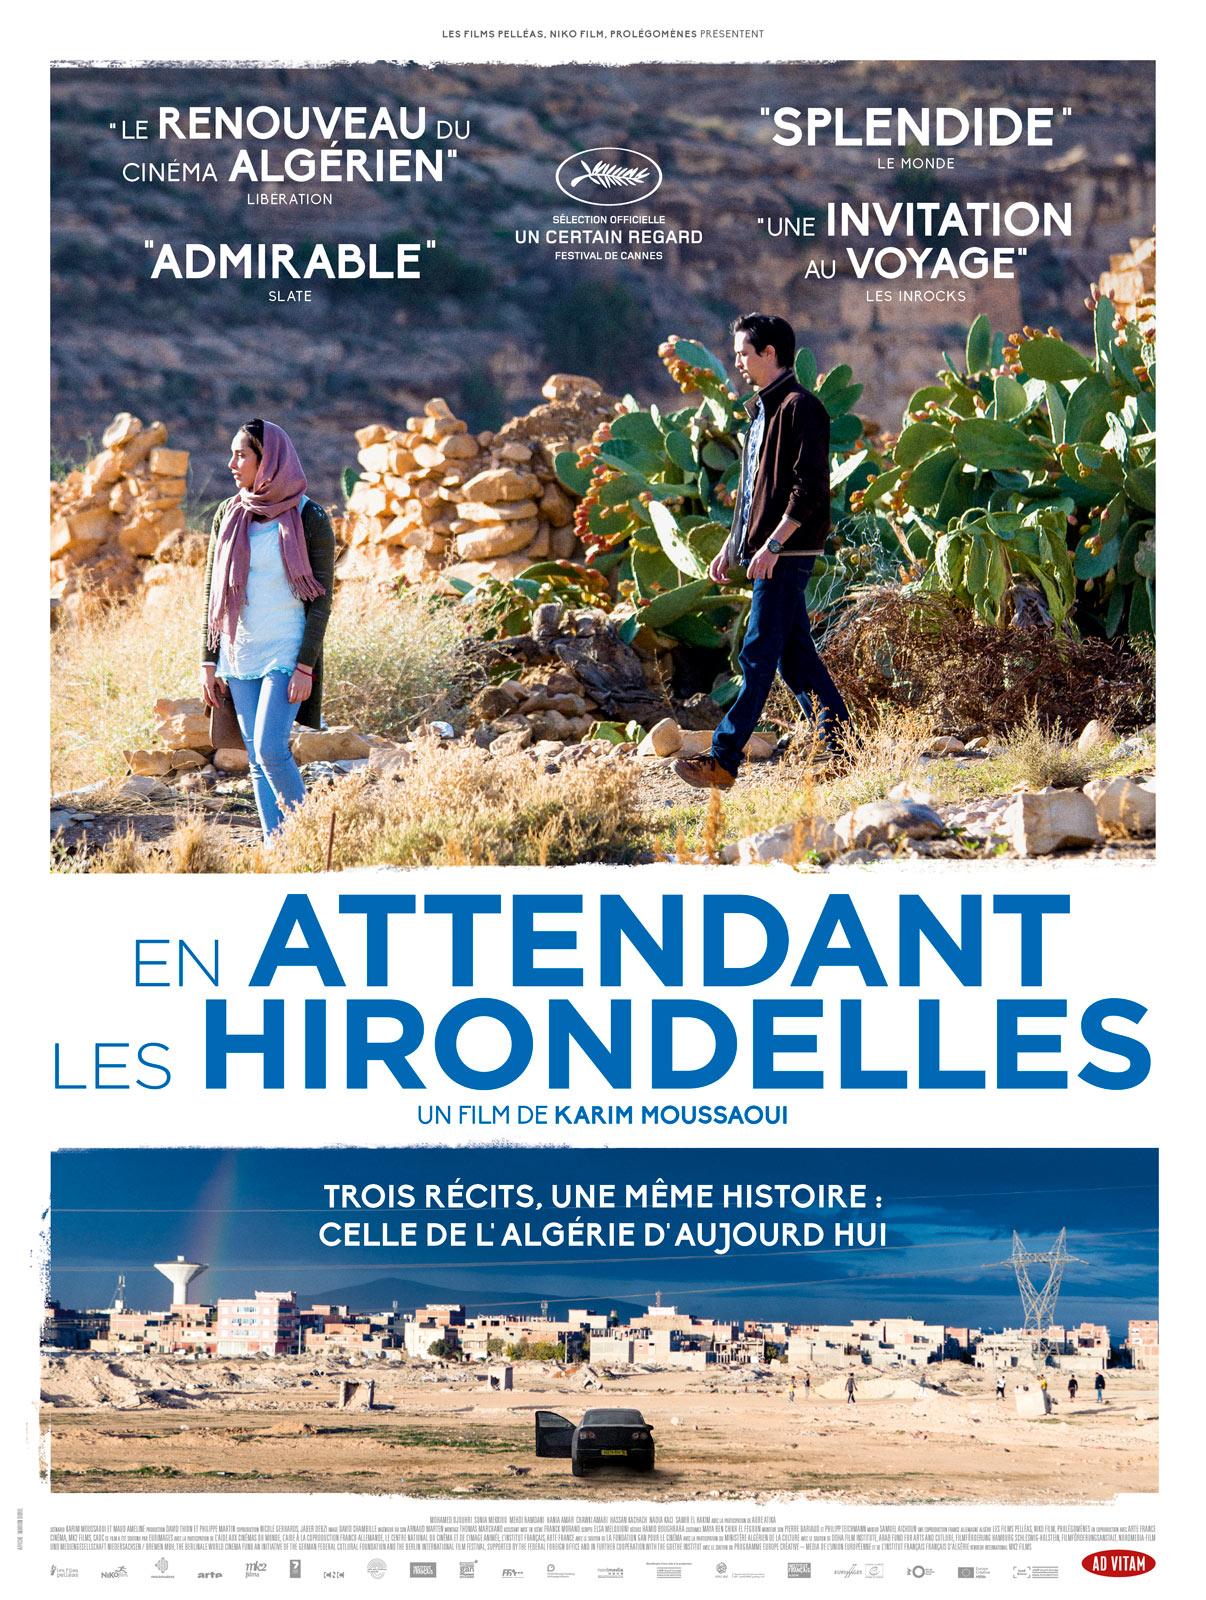 FILM EN LES TÉLÉCHARGER HIRONDELLES ATTENDANT